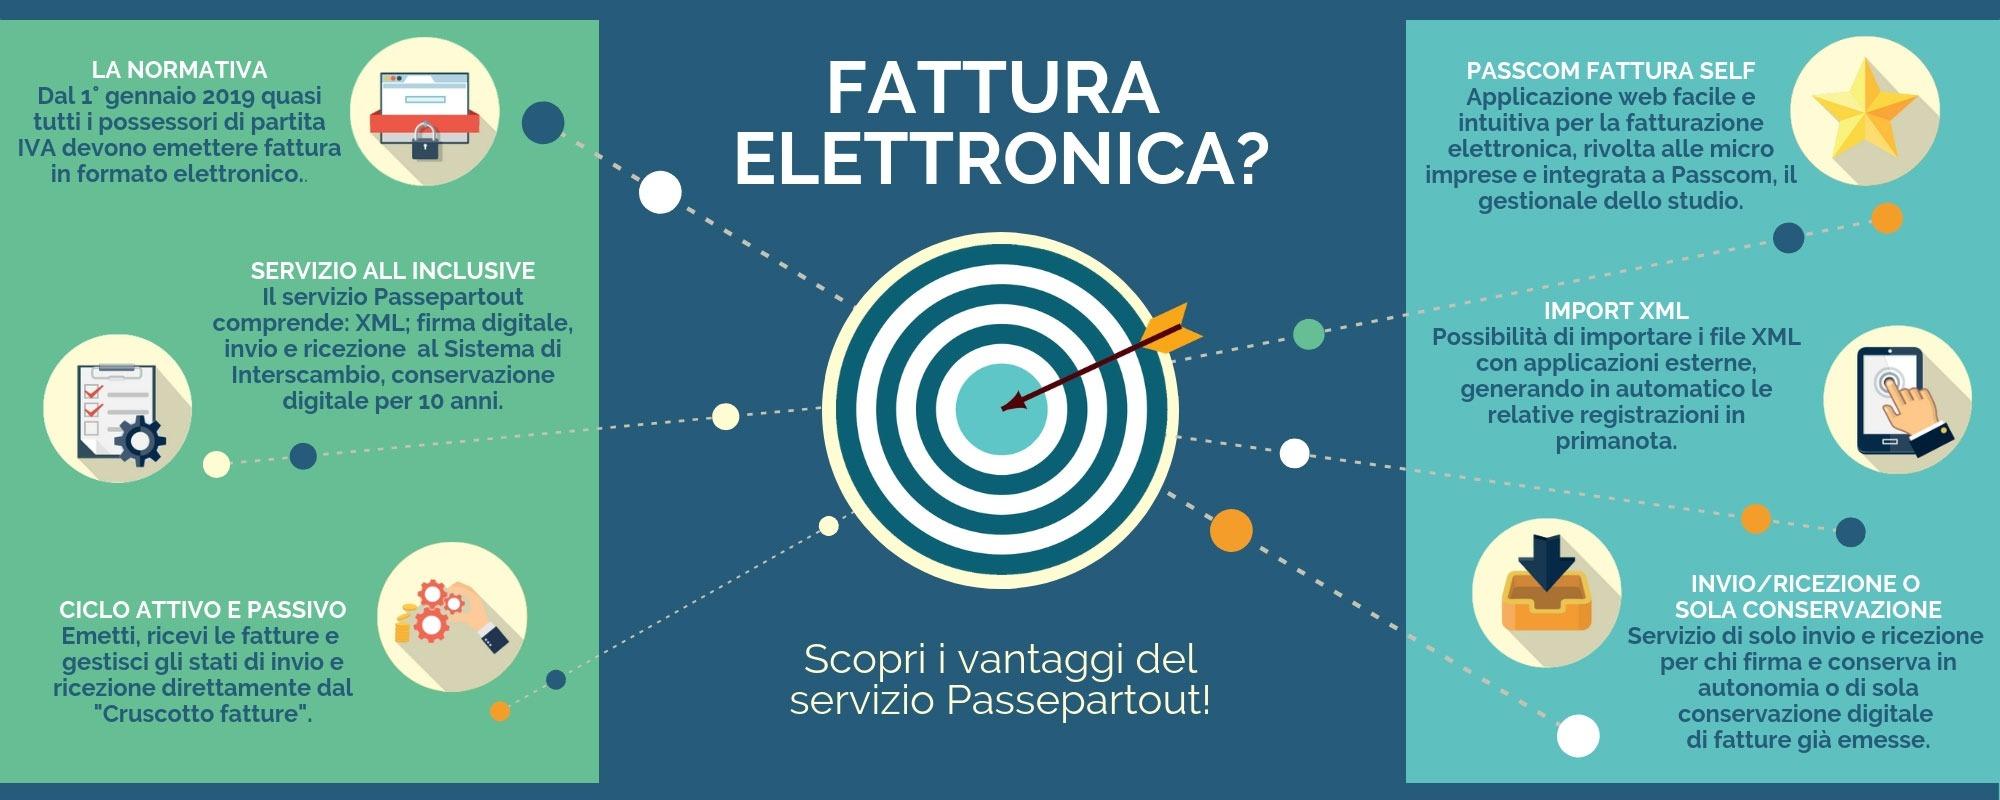 Fp Software Patamia - Fattura Elettronica Passepartout